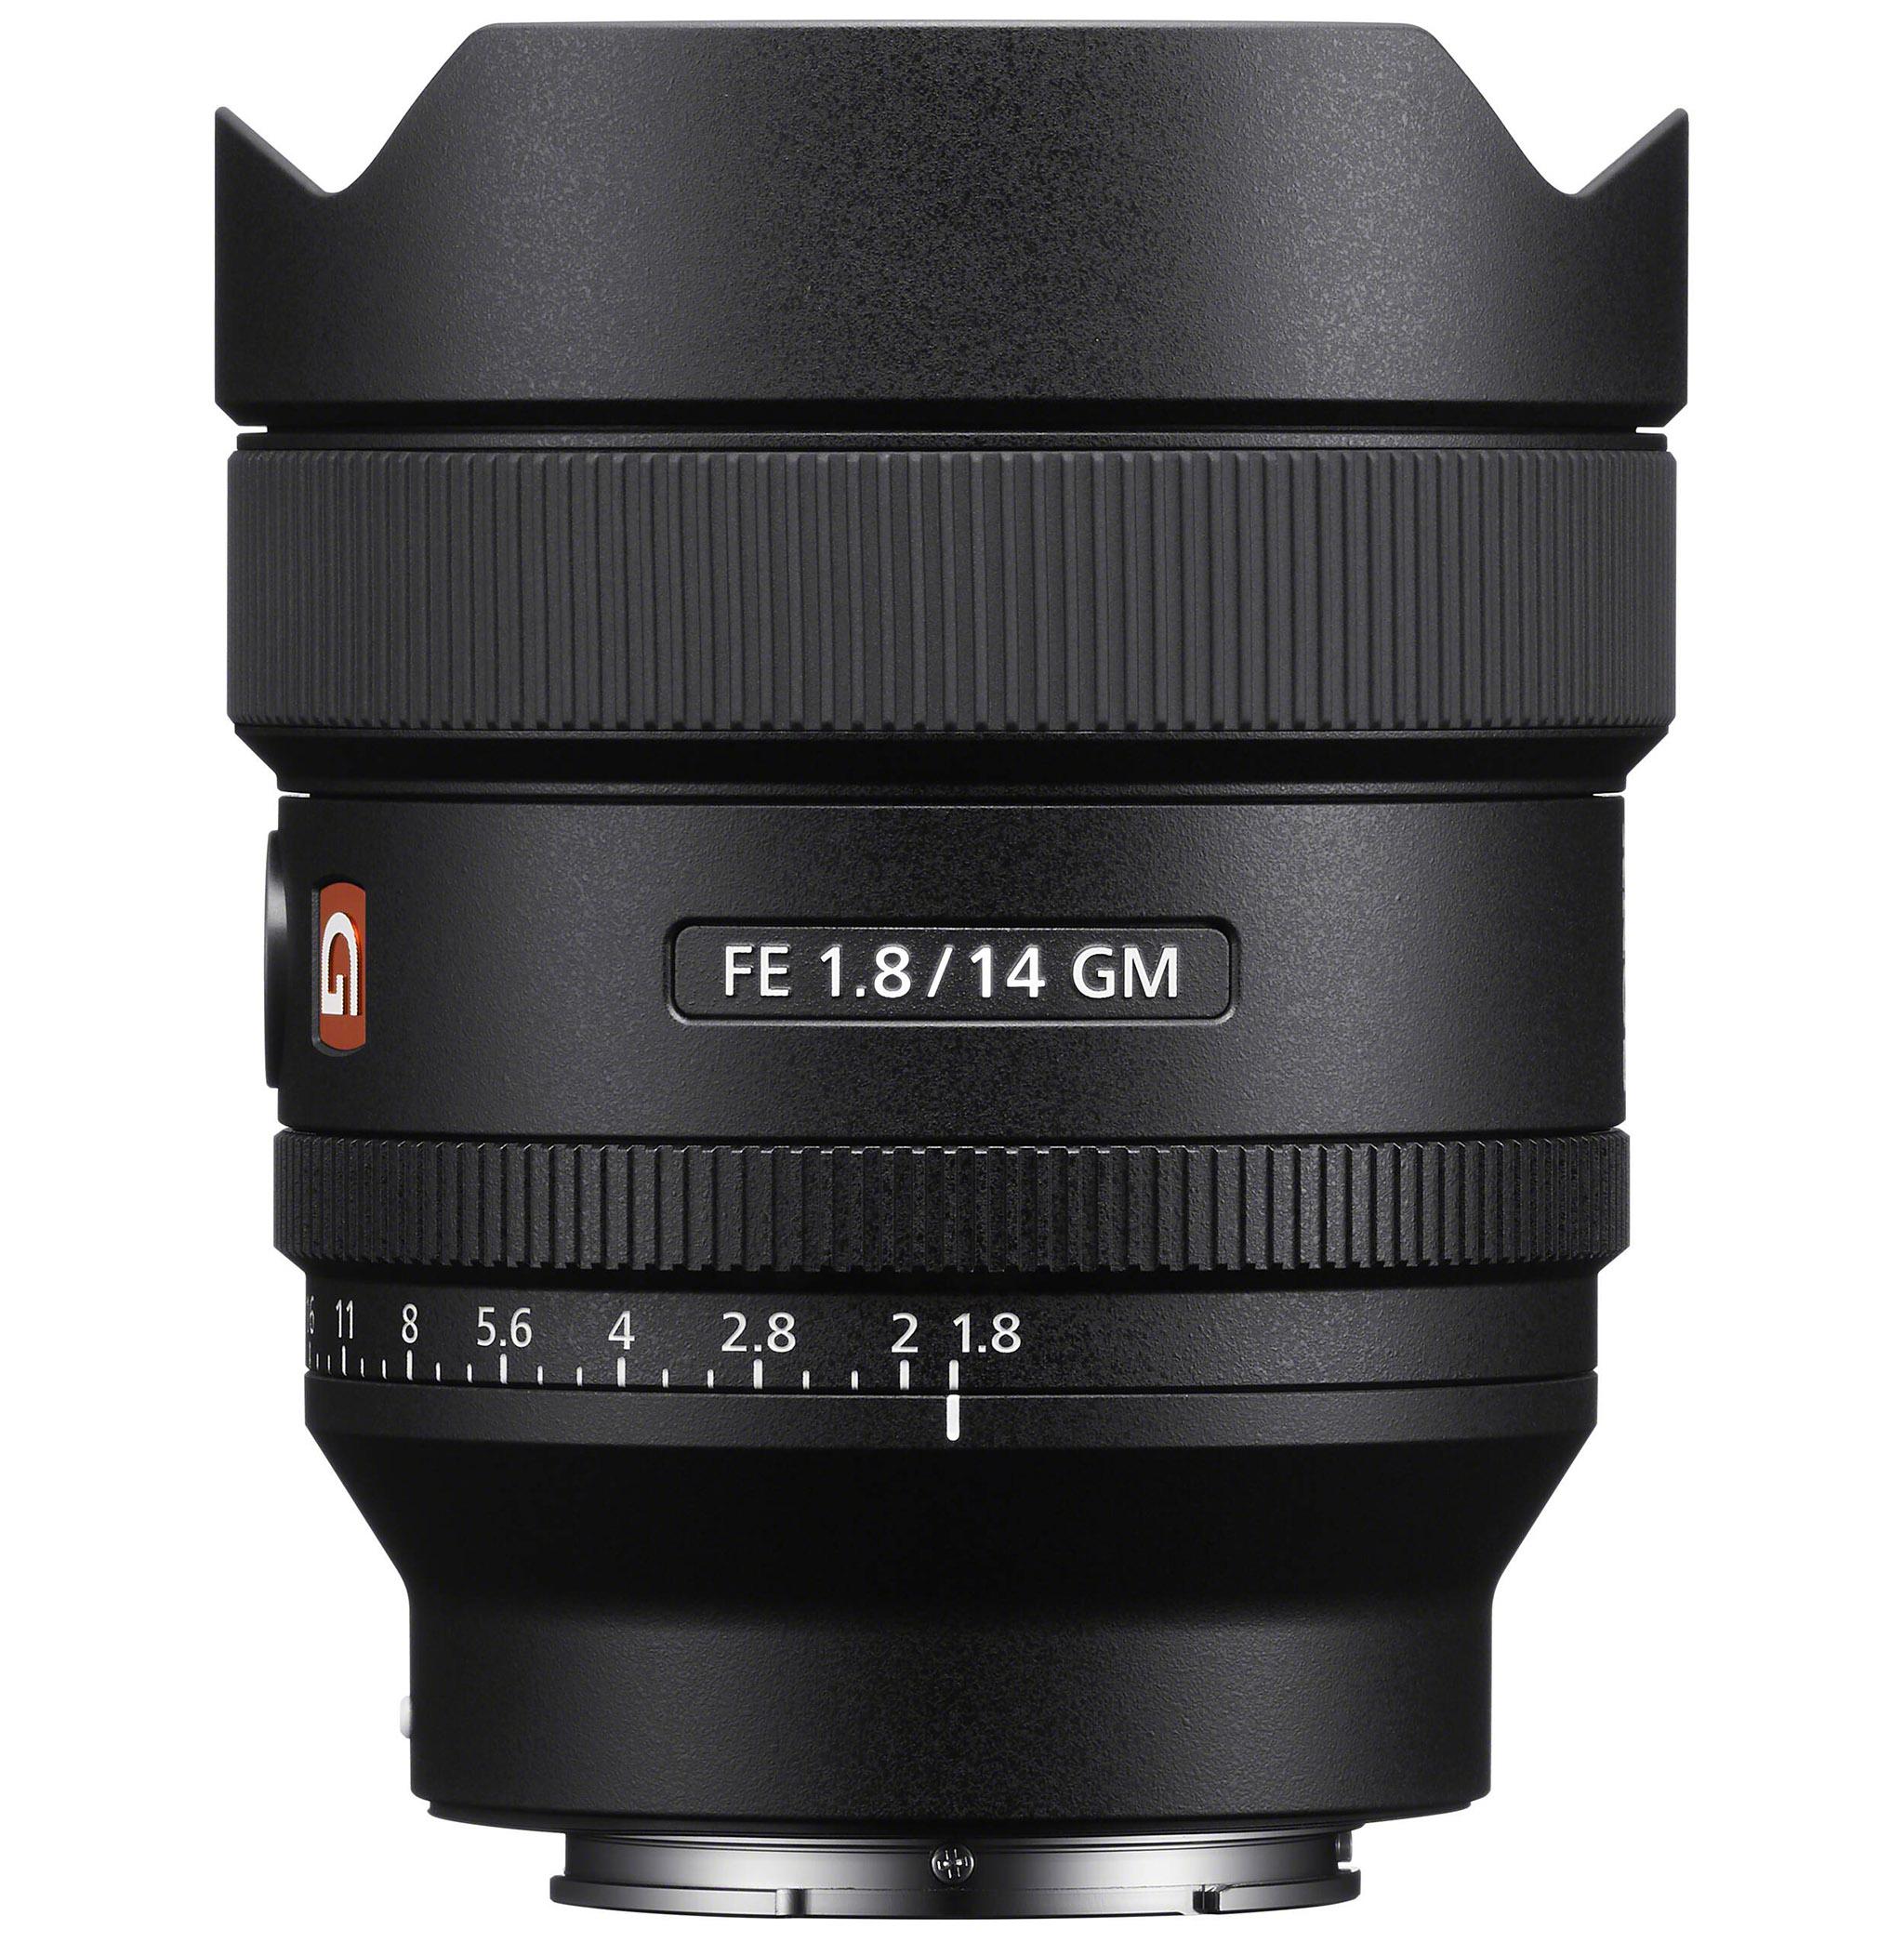 Sony FE 14mm f/1,8 GM je vybaven funkčním tlačítkem a clonovým kroužkem